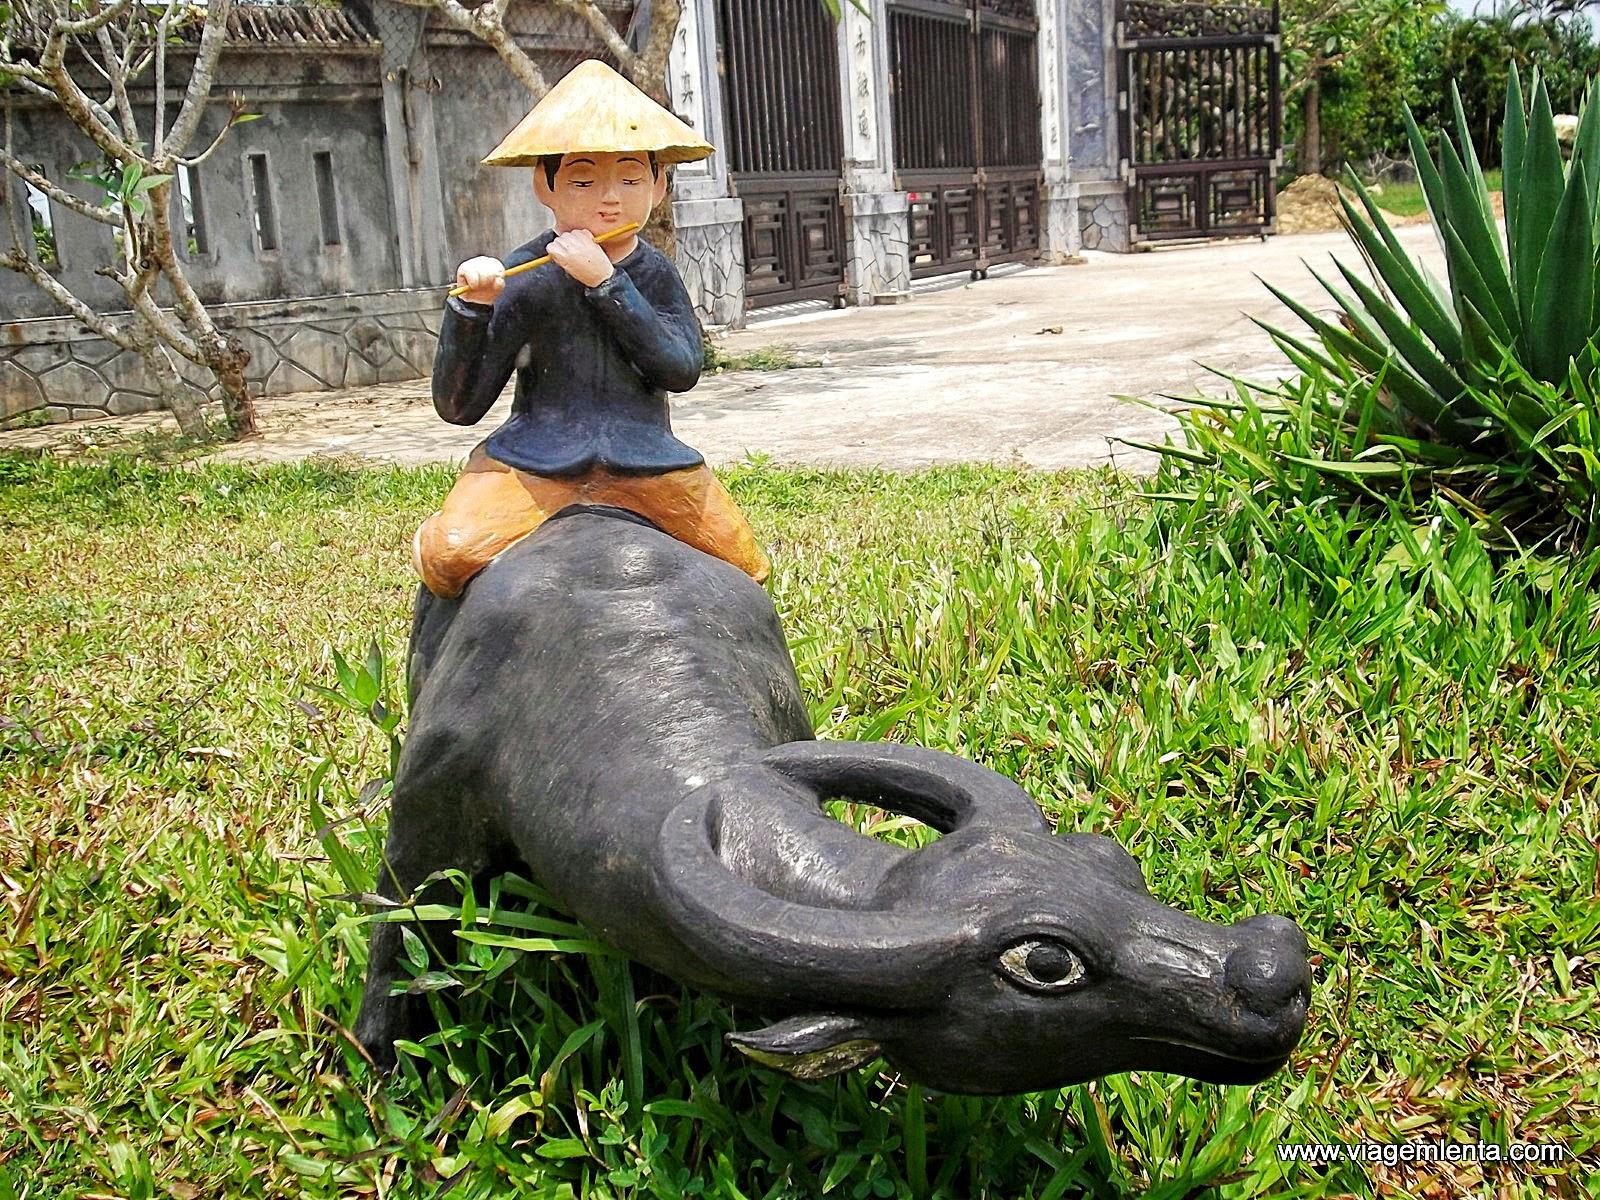 Relato de viagem à pacata e agradável cidade de Hoi An, Vietnã, e seus vilarejos em uma scooter.